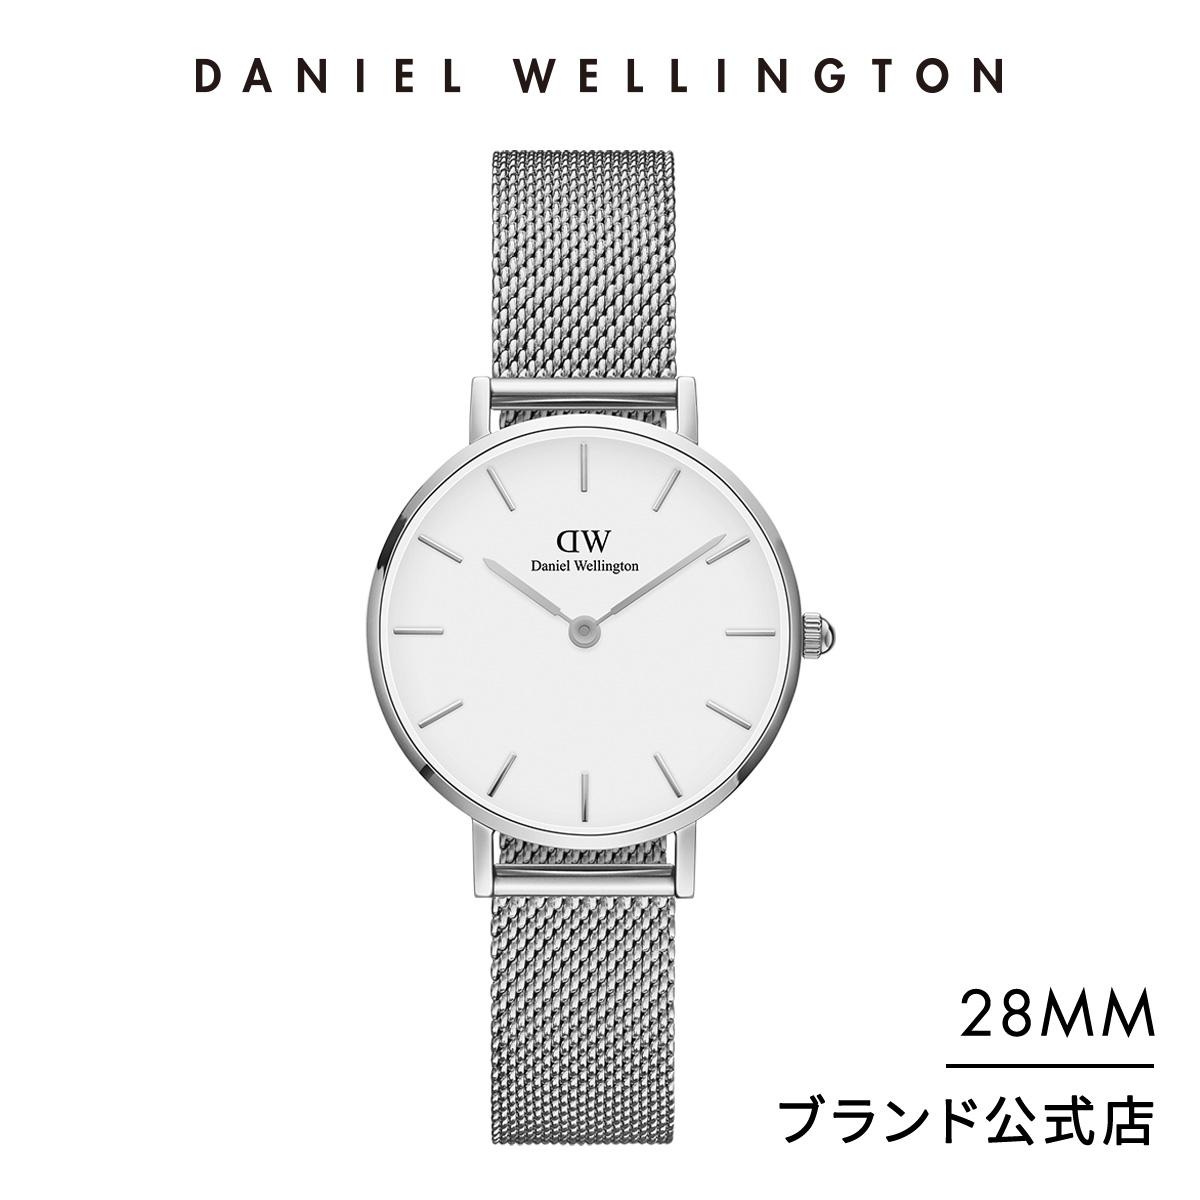 【公式2年保証/送料無料】ダニエルウェリントン公式 レディース 腕時計 Petite Sterling 28mm メッシュ ベルト クラシック ぺティート スターリング ブラック DW プレゼント おしゃれ インスタ映え ブランド 彼女 母の日